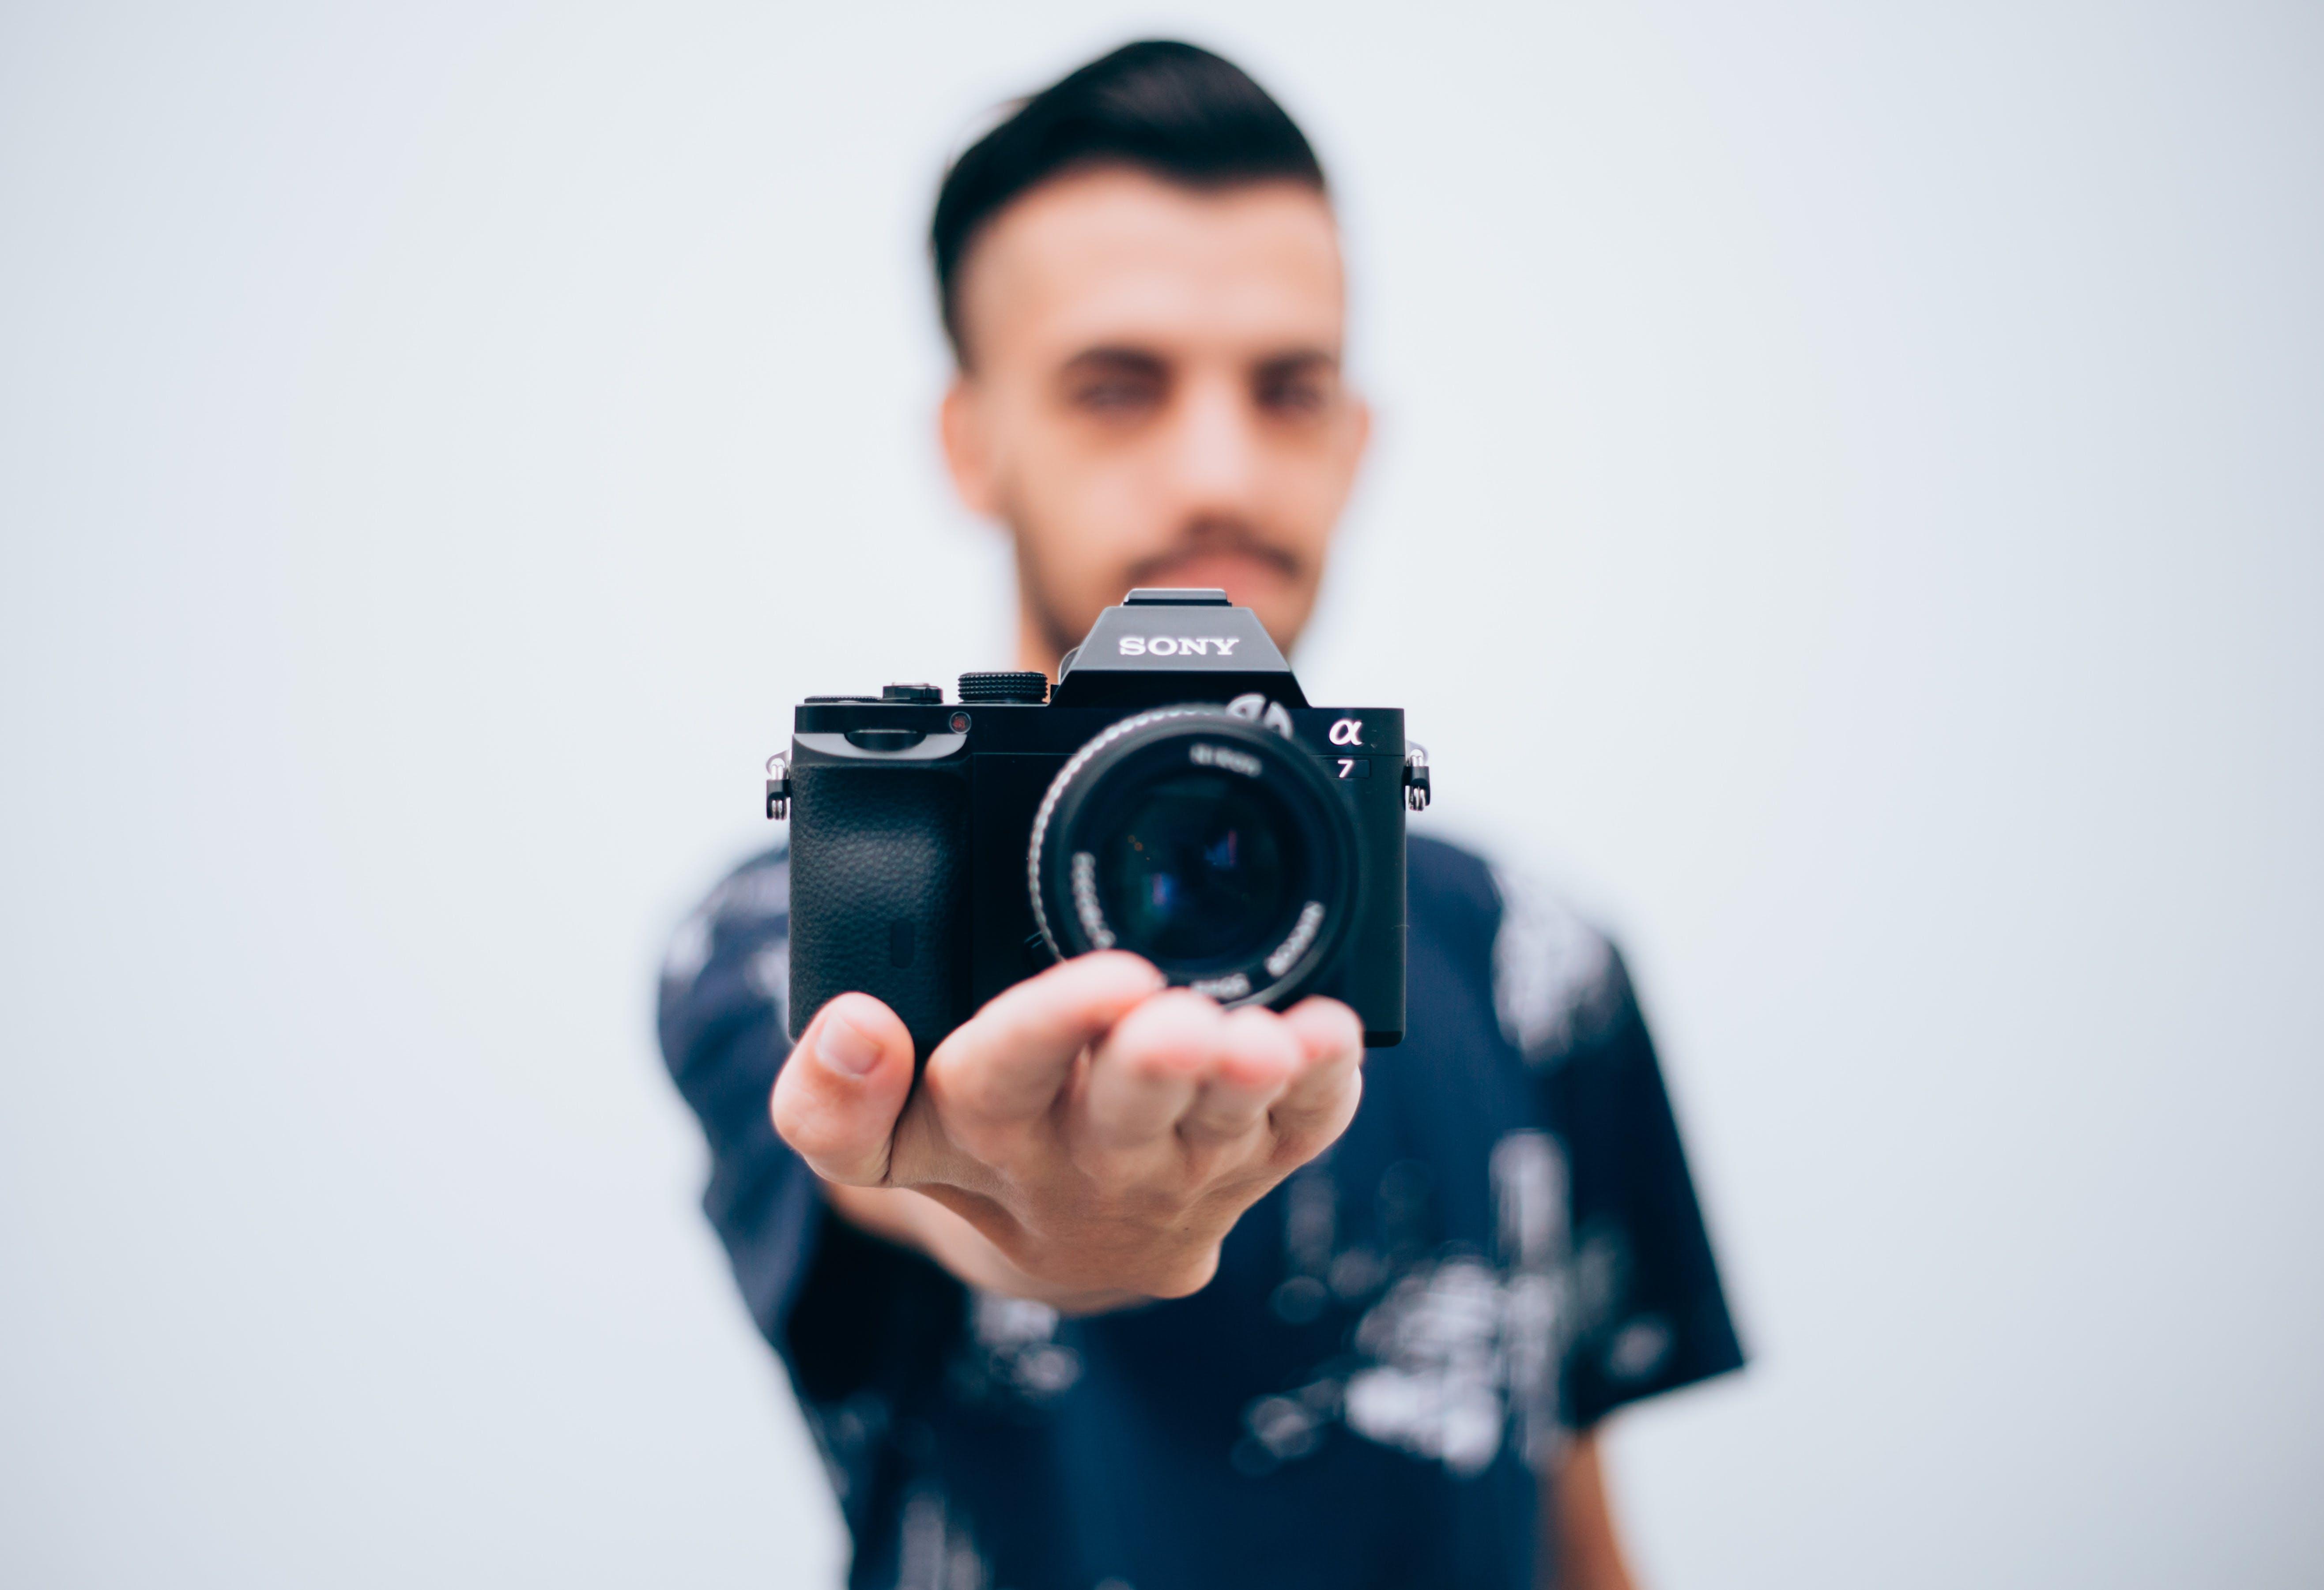 fotograf, fotografie, hobby